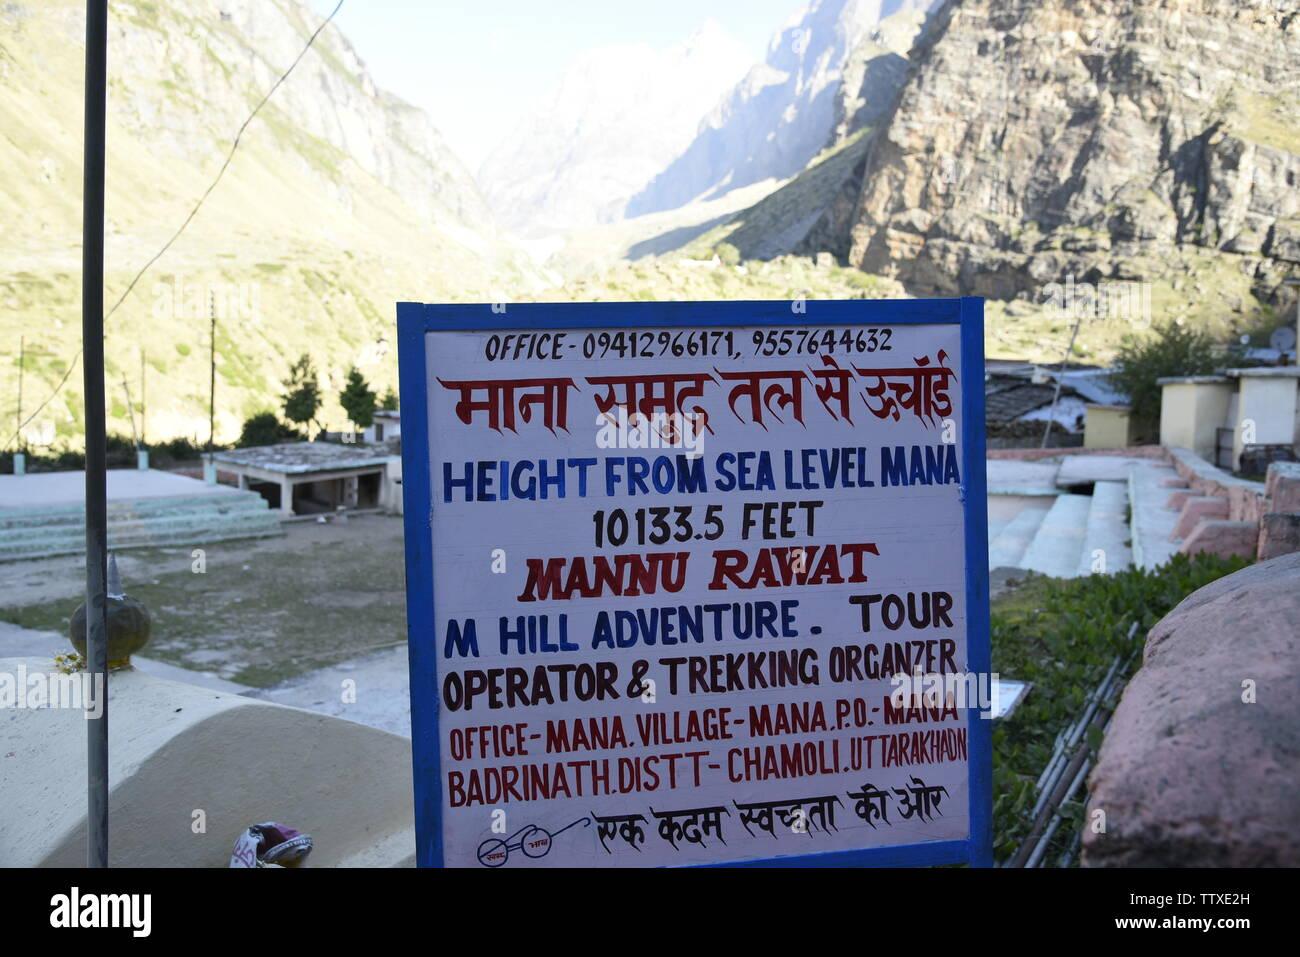 Dernier village de l'Inde au Tibet Village Mana 2019 frontière près de Badrniath Rudrapryag , Chamoli, Inde, Asie, Banque D'Images